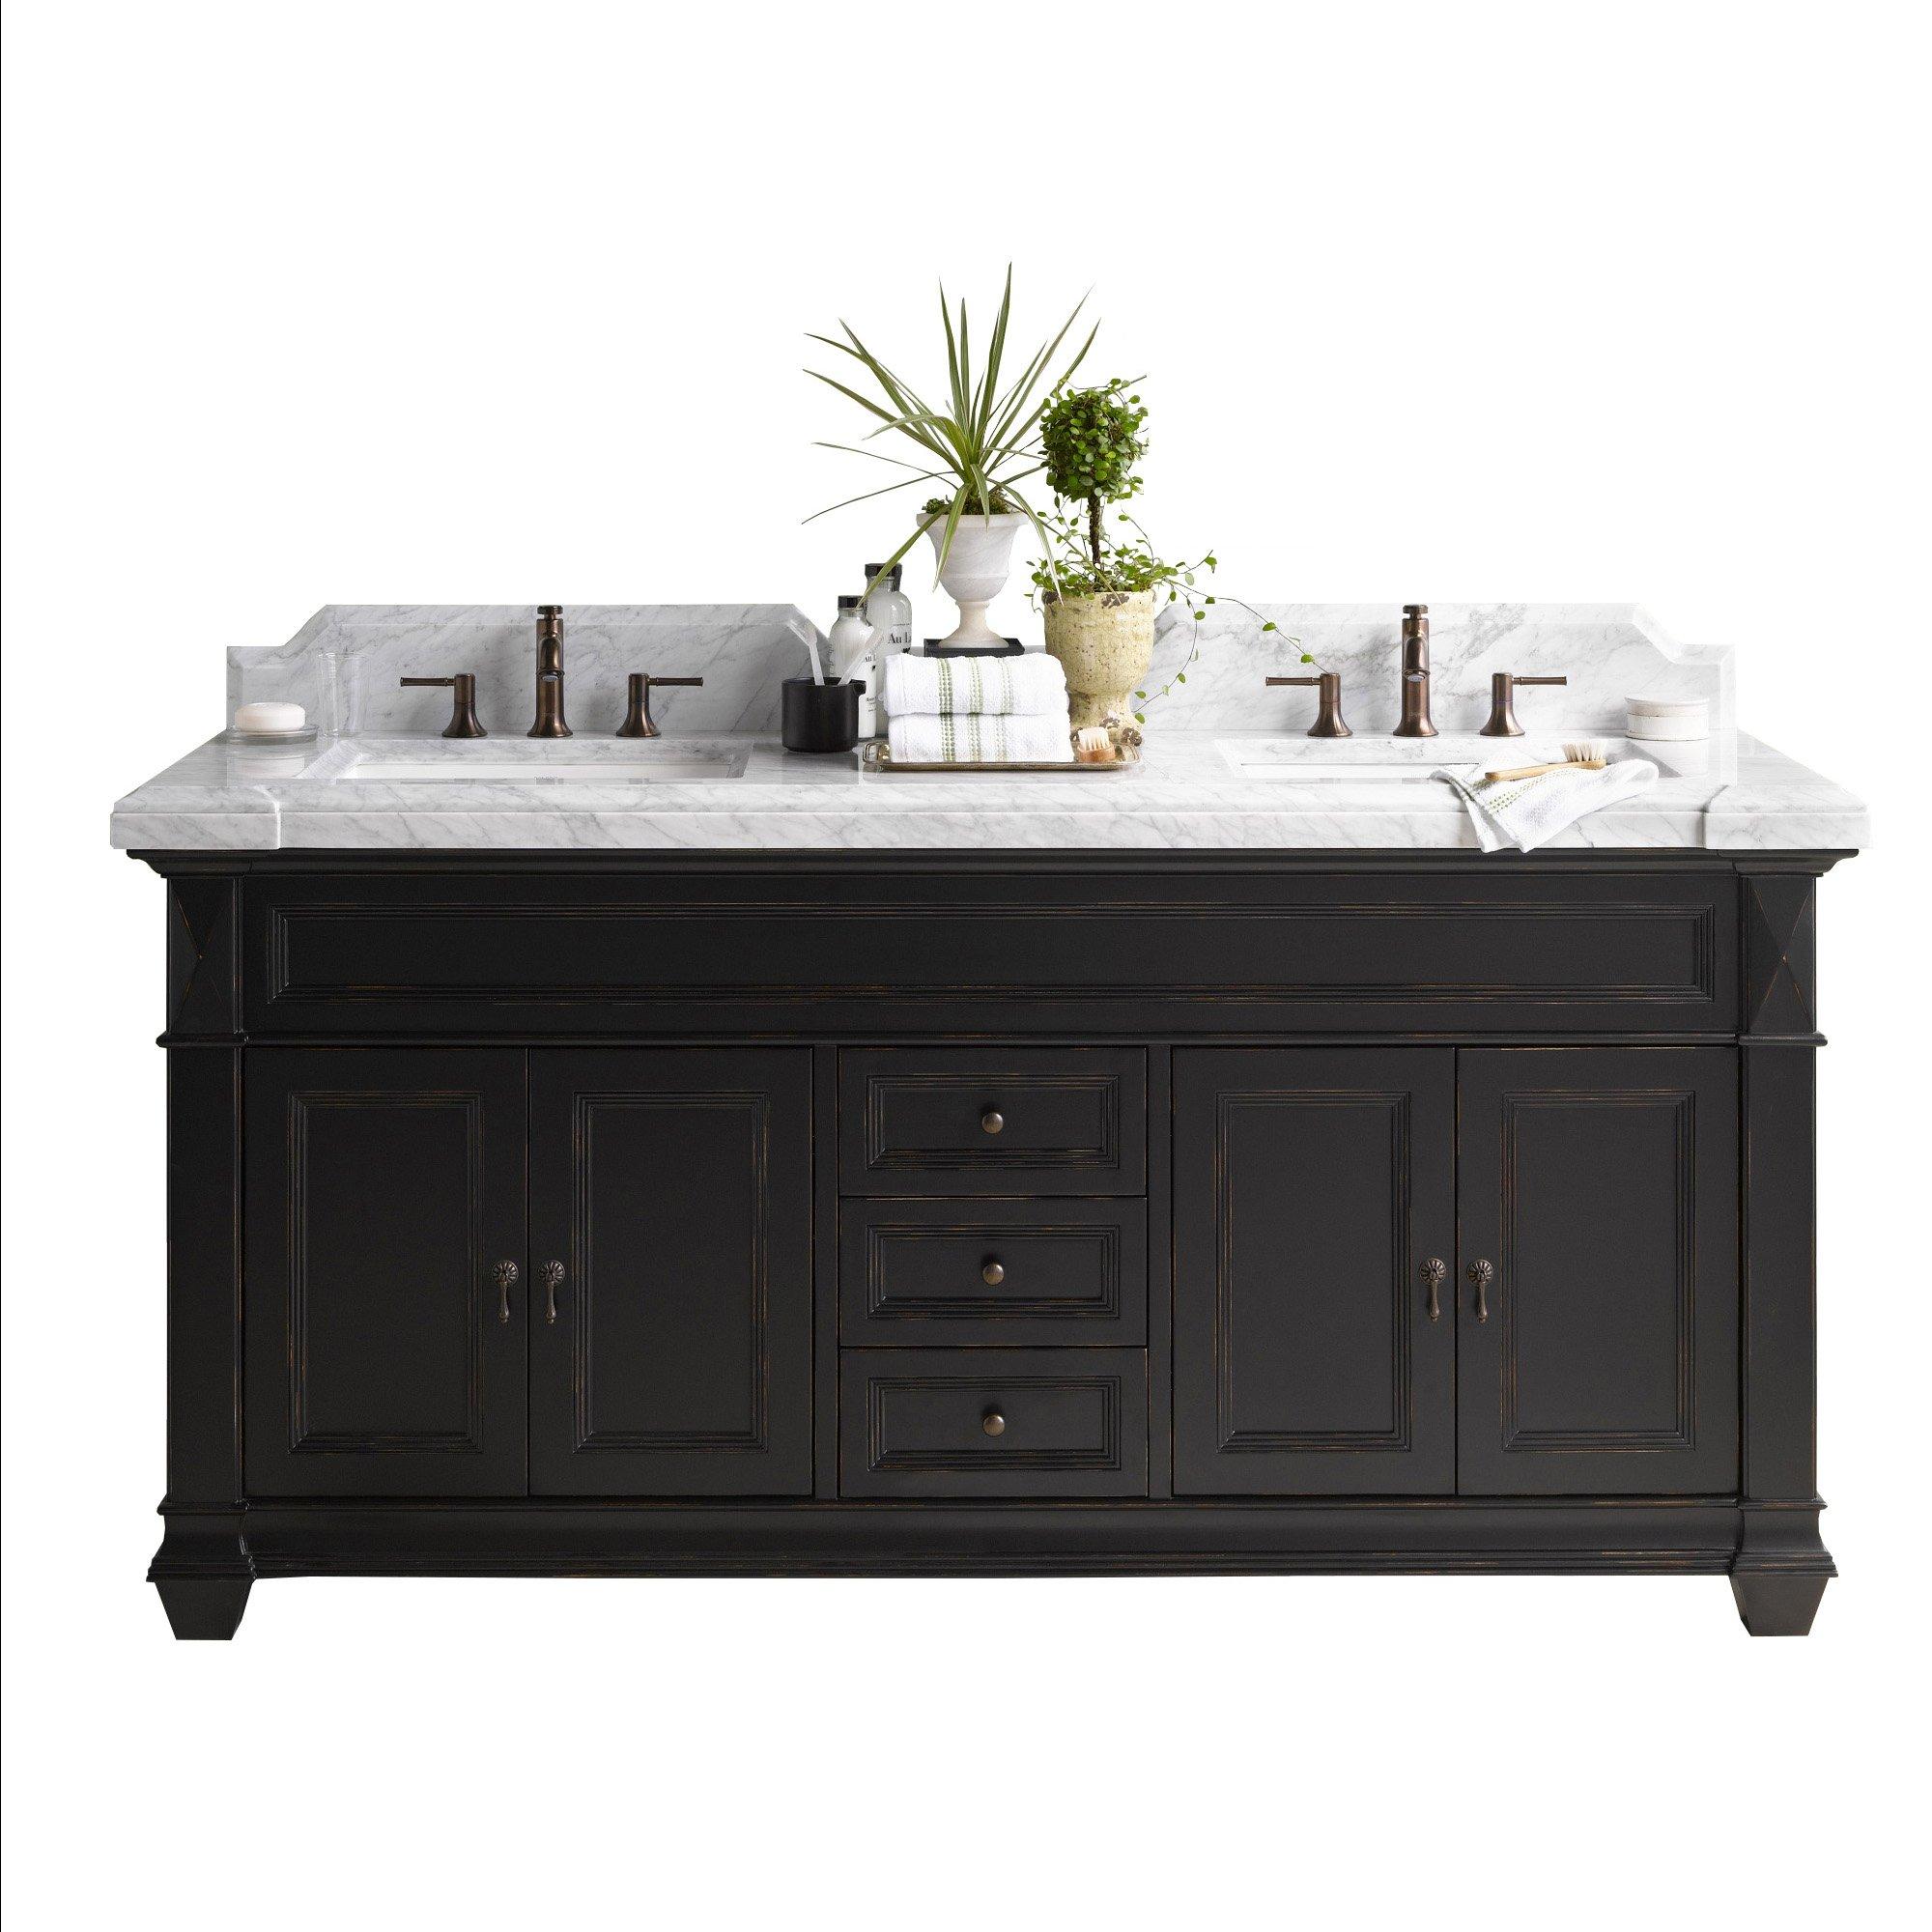 Cheap Bathroom Sink Backsplash Ideas Find Bathroom Sink